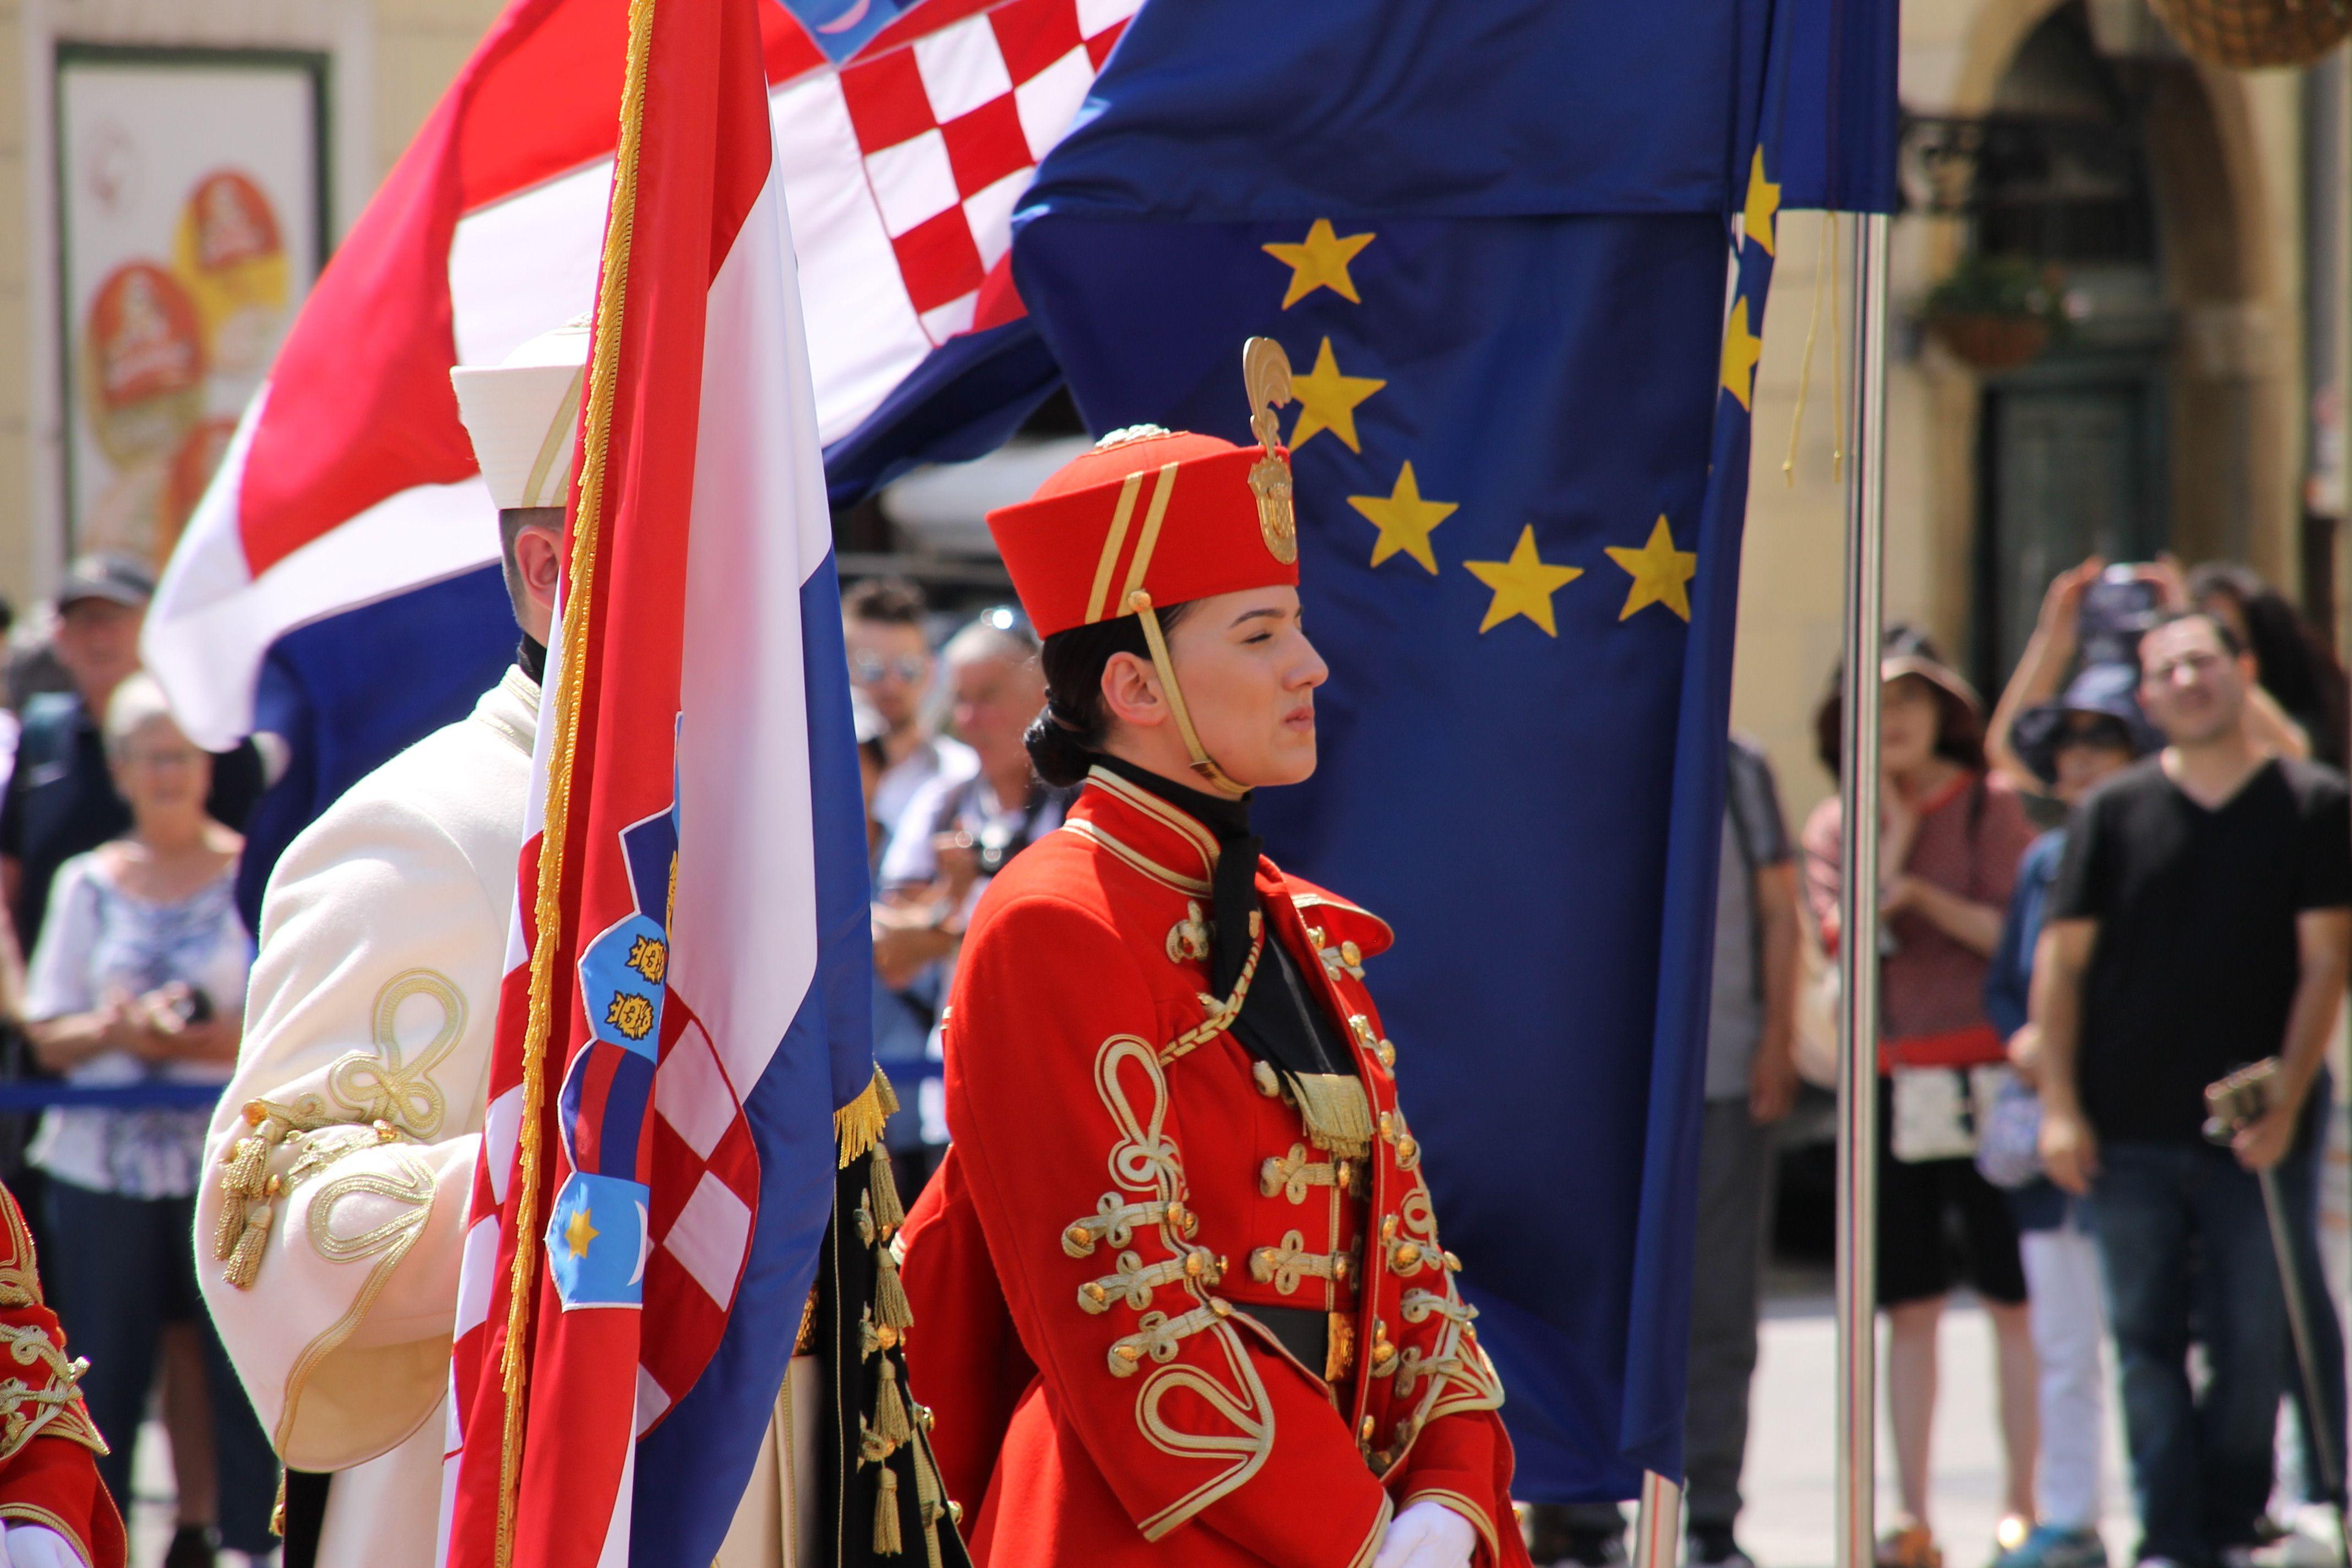 Hrvatska u utorak slavi Dan državnosti, 28. obljetnicu od proglašenja državne neovisnosti i suverenosti